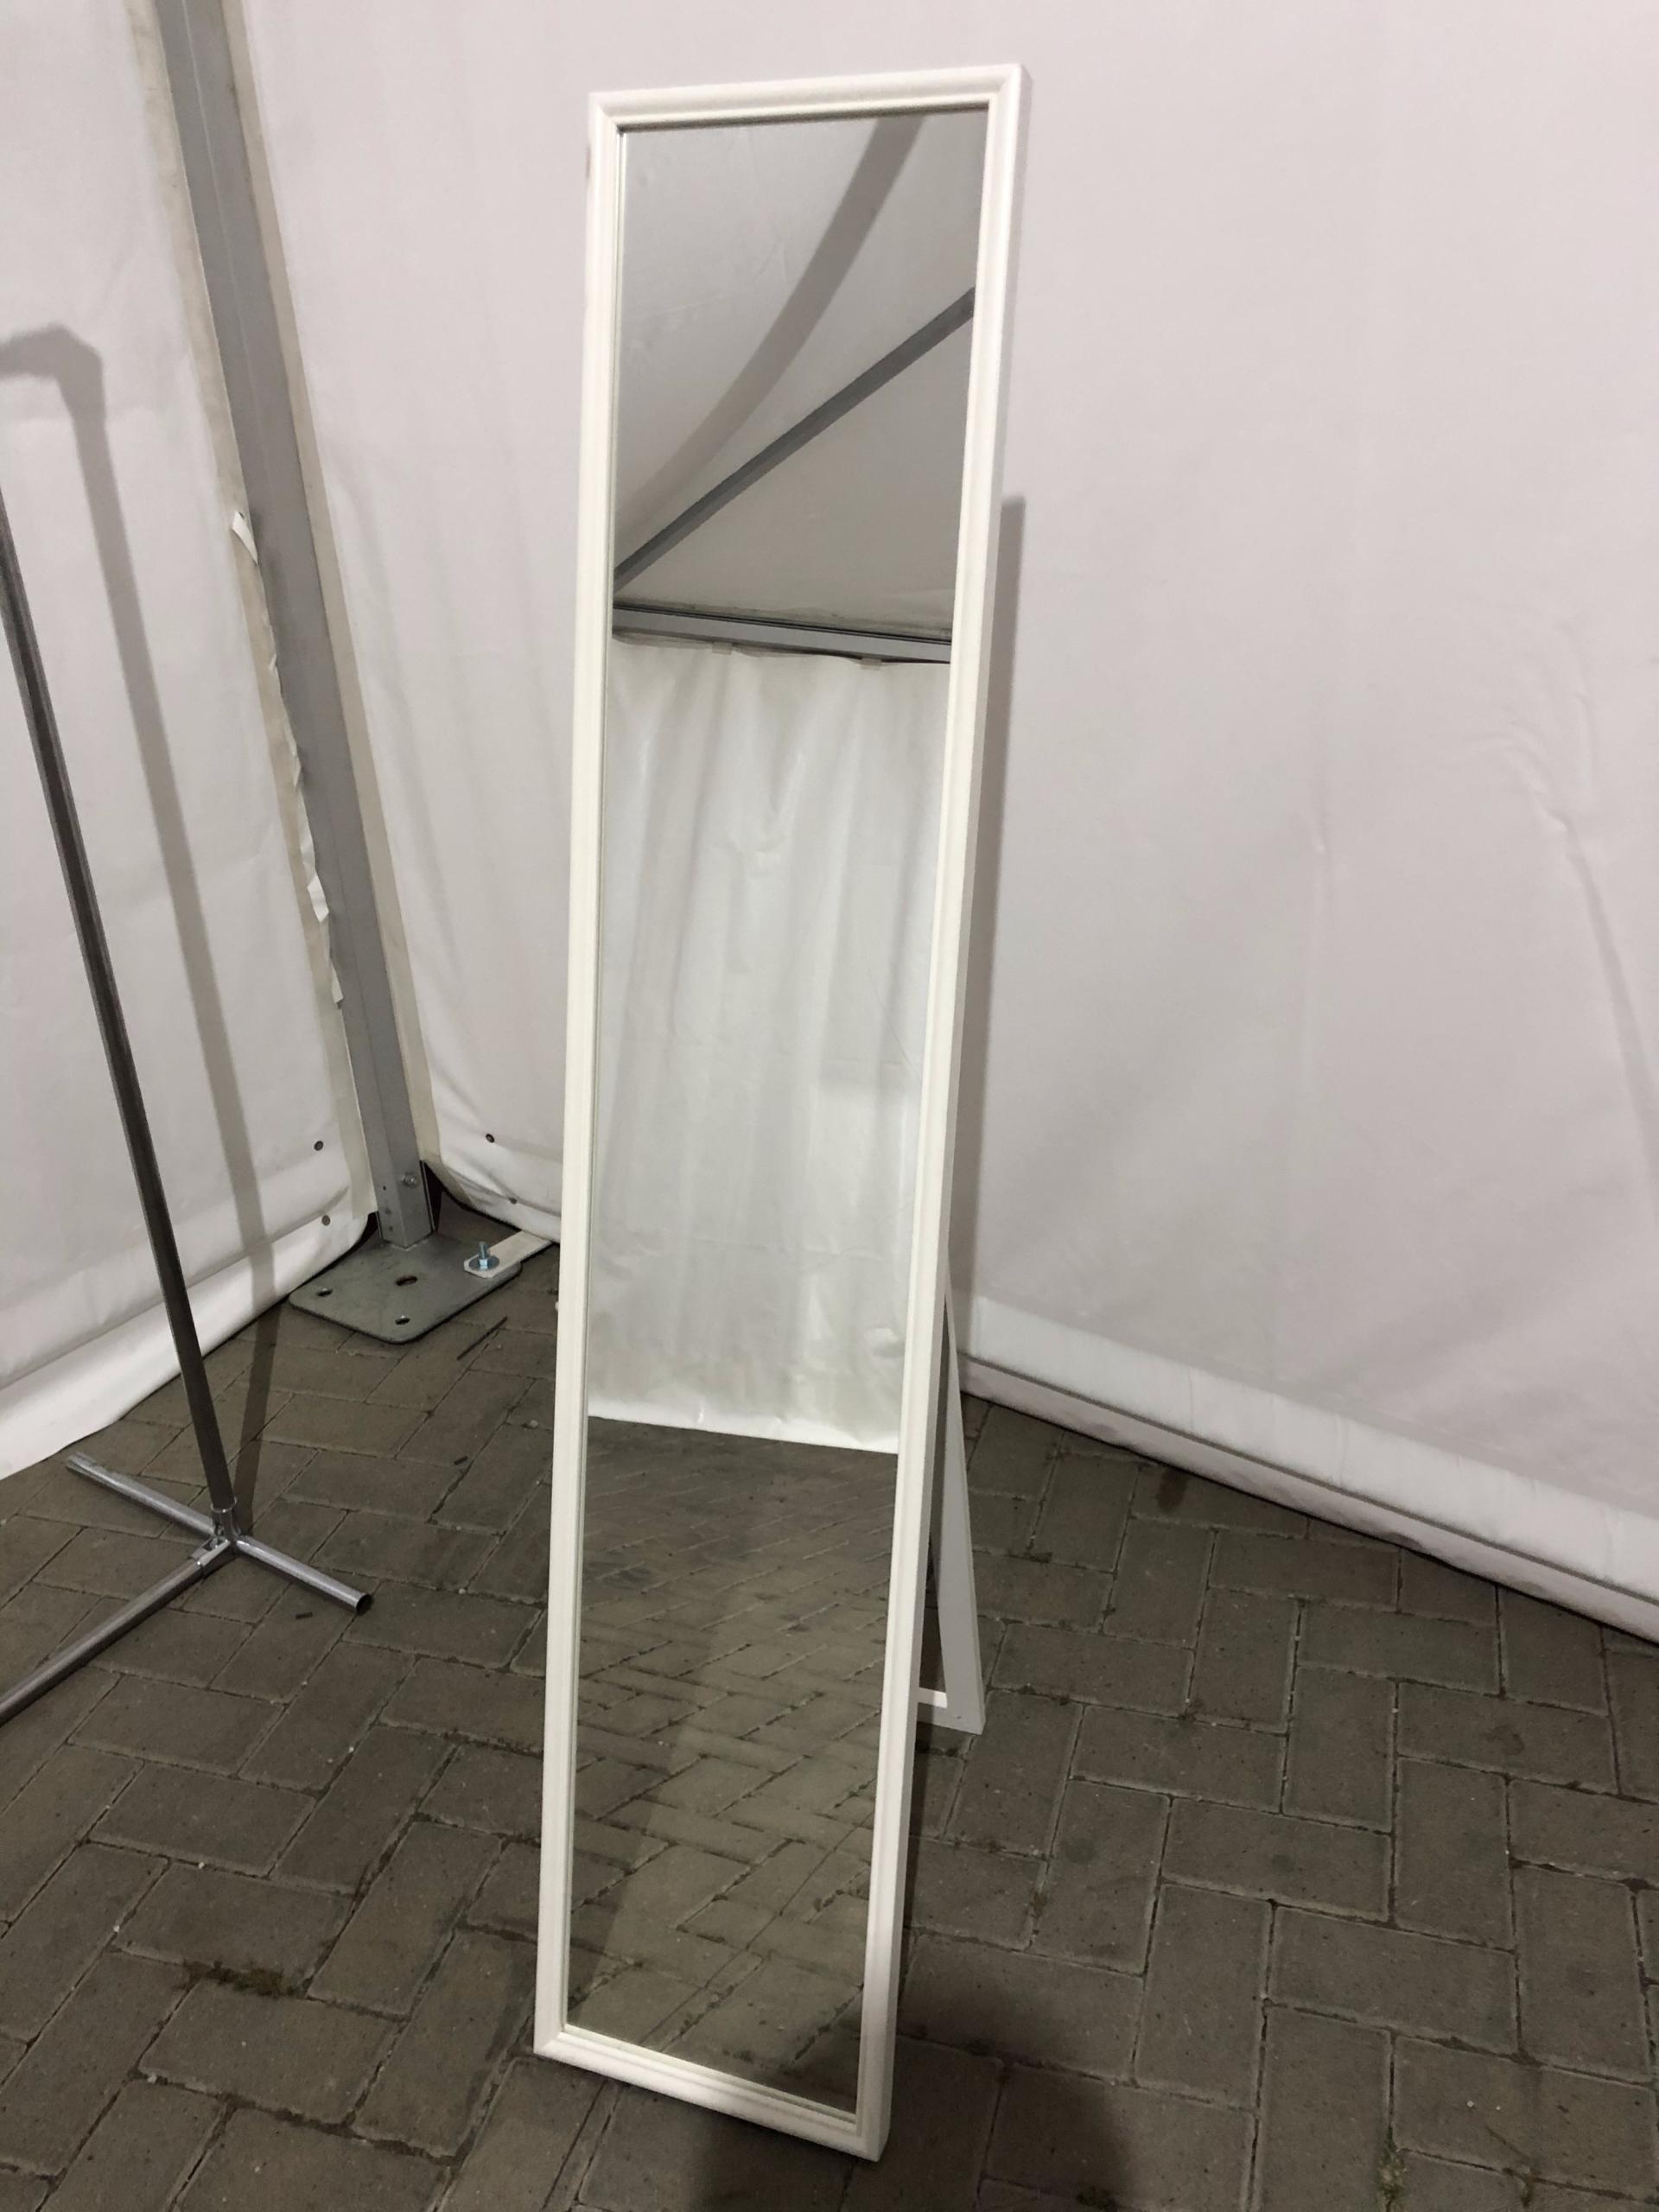 2020 08 25 05 18 31 - Аренда шатра и оборудования для гримерок